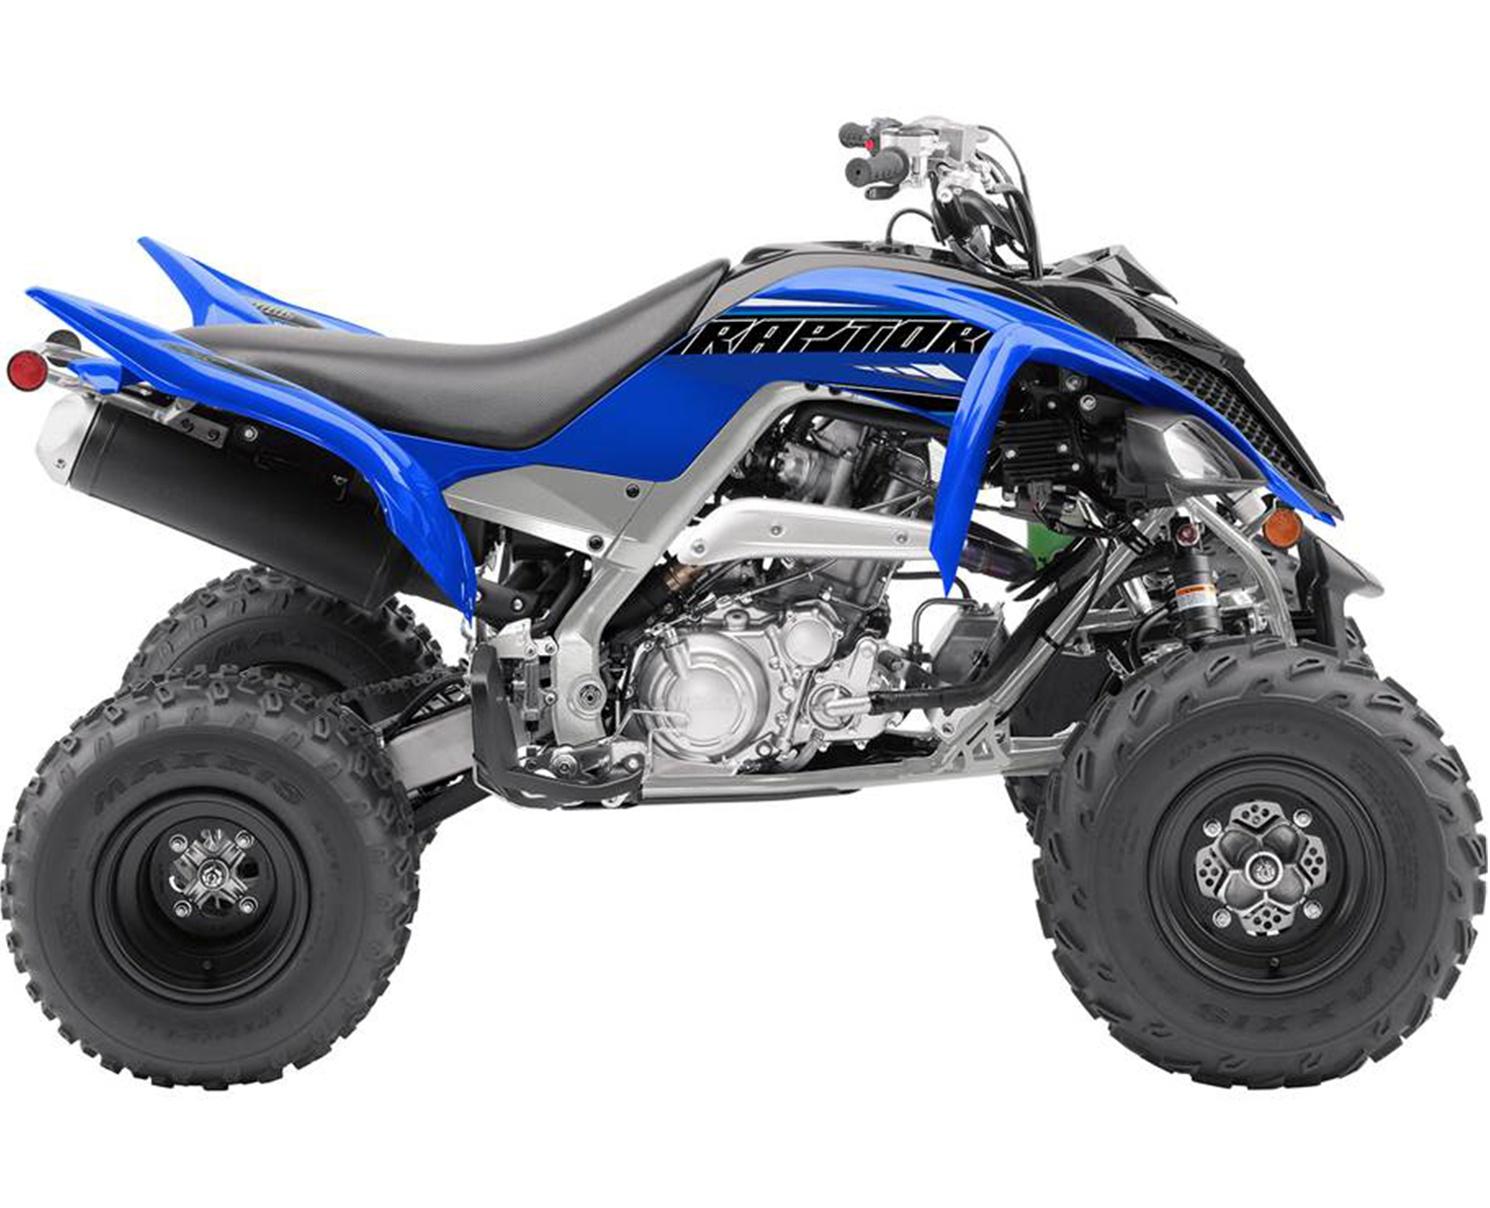 2021 Yamaha RAPTOR 700R Frais inclus+Taxes